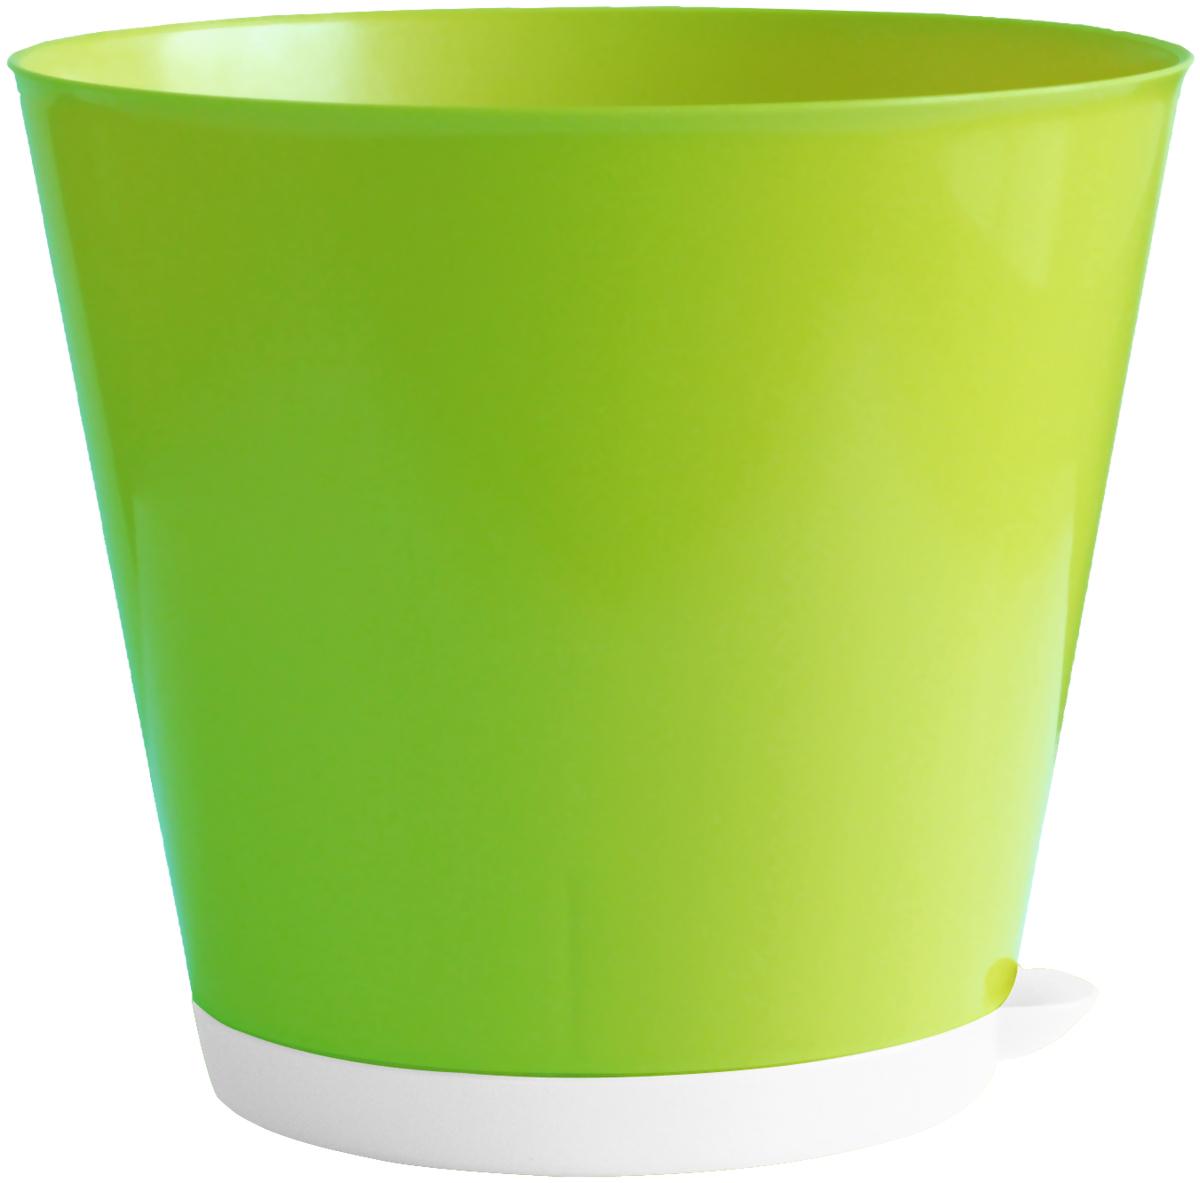 Горшок для цветов InGreen Крит, с системой прикорневого полива, цвет: салатовый, белый, диаметр 12 смZ-0307Горшок InGreen Крит, выполненный из высококачественного пластика, предназначен для выращивания комнатных цветов, растений и трав. Специальная конструкция обеспечивает вентиляцию в корневой системе растения, а дренажные отверстия позволяют выходить лишней влаге из почвы. Крепежные отверстия и штыри прочно крепят подставку к горшку. Прикорневой полив растения осуществляется через удобный носик. Система прикорневого полива позволяет оставлять комнатное растение без внимания тем, кто часто находится в командировках или собирается в отпуск и не имеет возможности вовремя поливать цветы.Такой горшок порадует вас современным дизайном и функциональностью, а также оригинально украсит интерьер любого помещения. Диаметр горшка (по верхнему краю): 12 см.Высота горшка: 11,2 см.